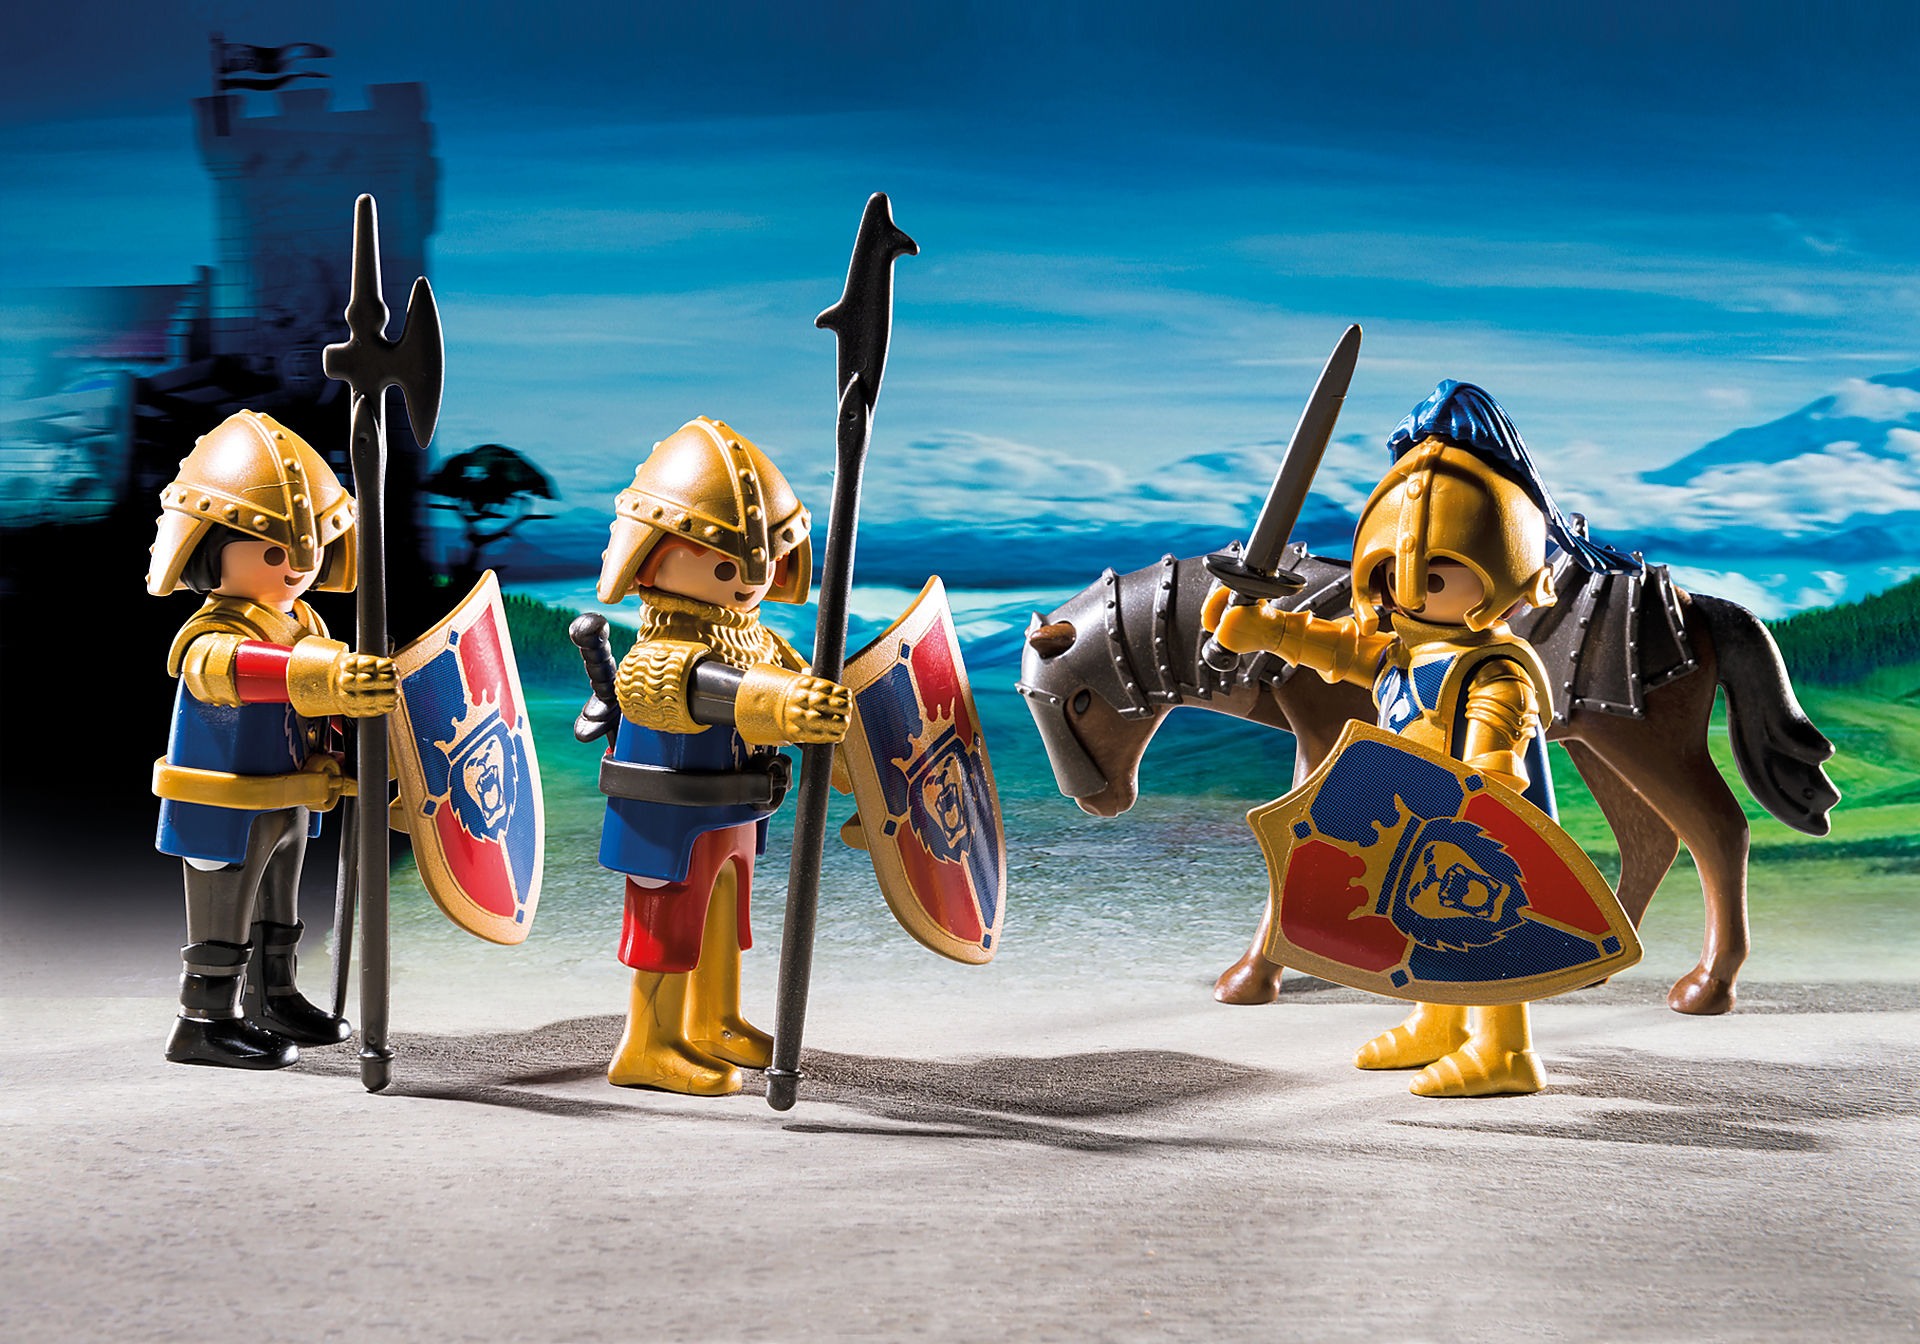 http://media.playmobil.com/i/playmobil/6006_product_extra1/Kungliga lejonriddarna